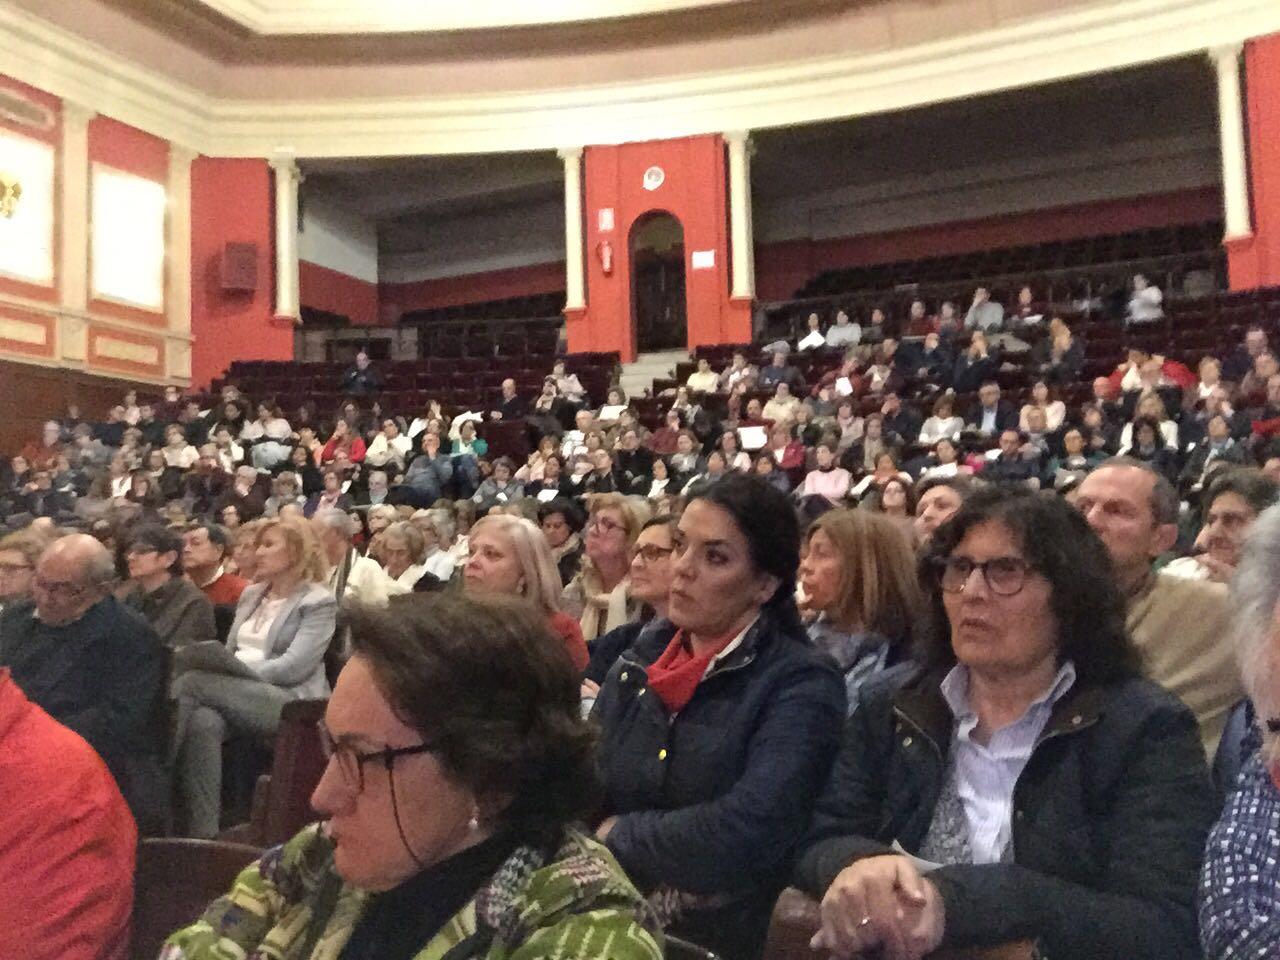 Congreso Diocesano de Pastoral Misionera en la Diócesis Mérida-Badajoz